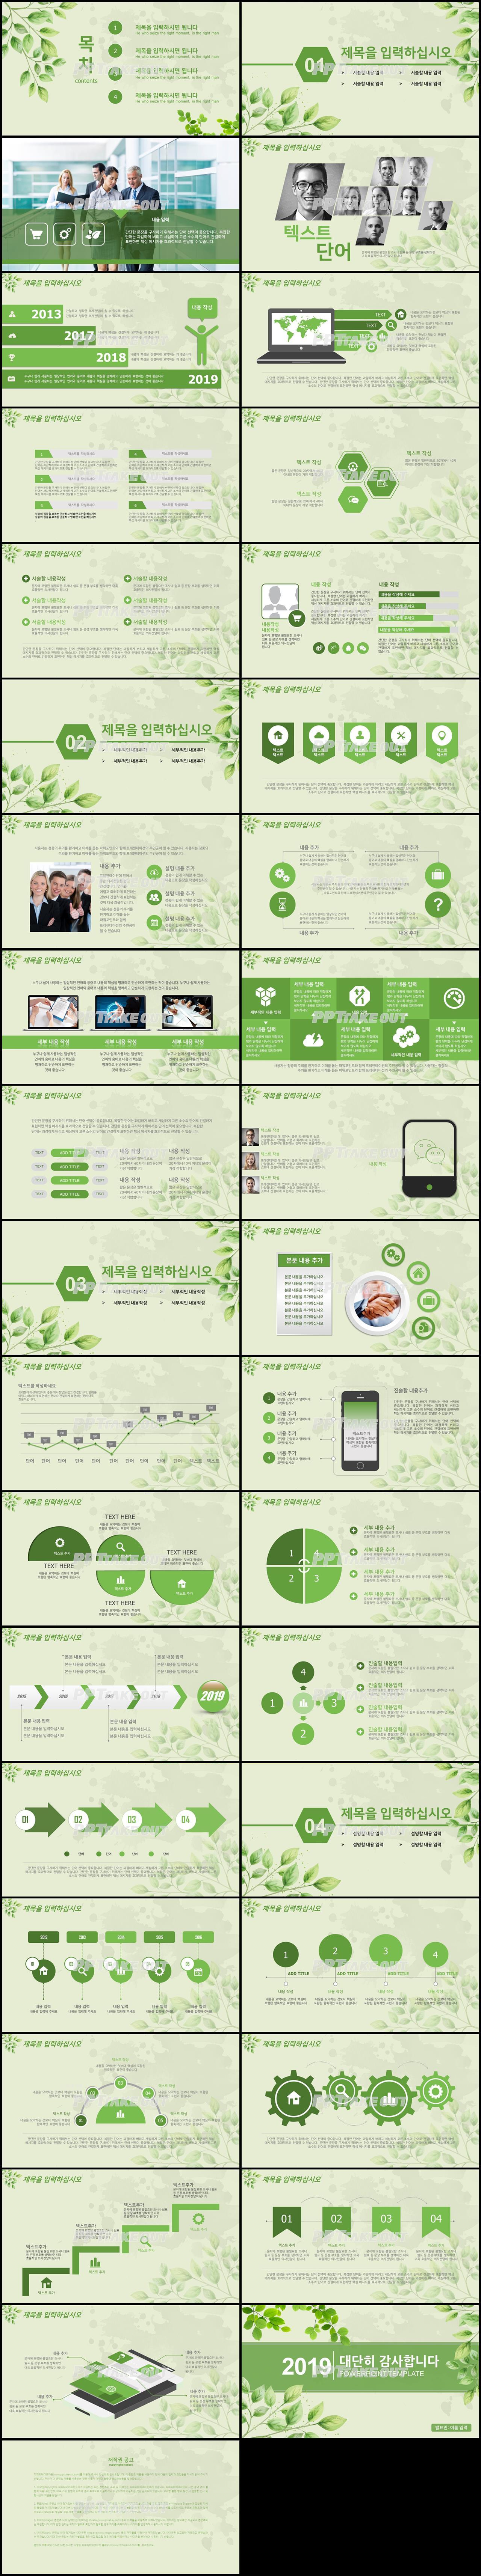 업무일지 초록색 수채화 프로급 파워포인트탬플릿 사이트 상세보기